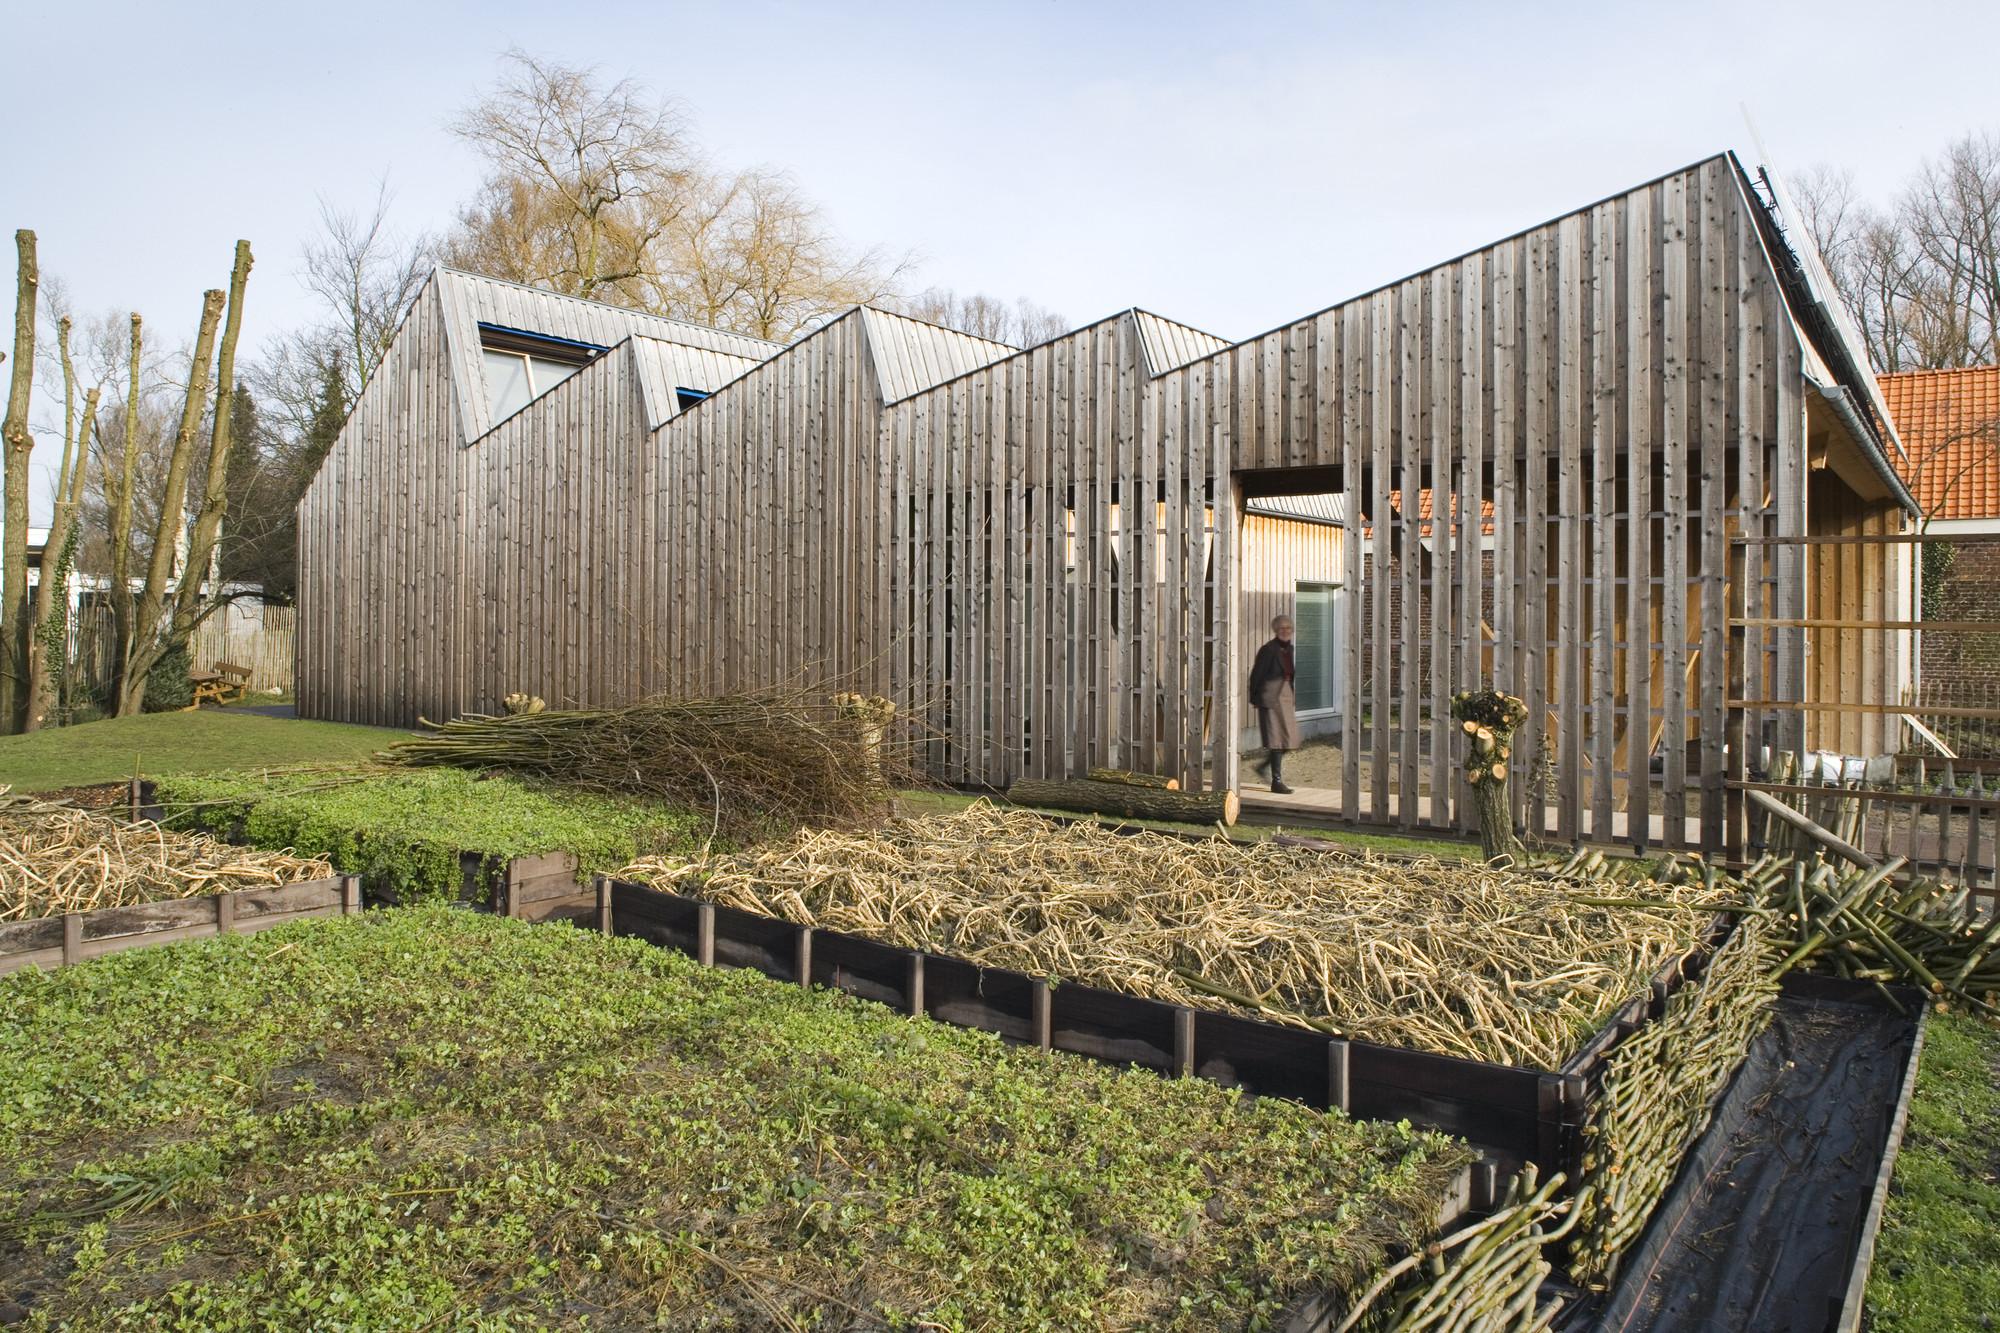 GRAN - Passive House Skatchkoff / HUB, © Sarah Blee